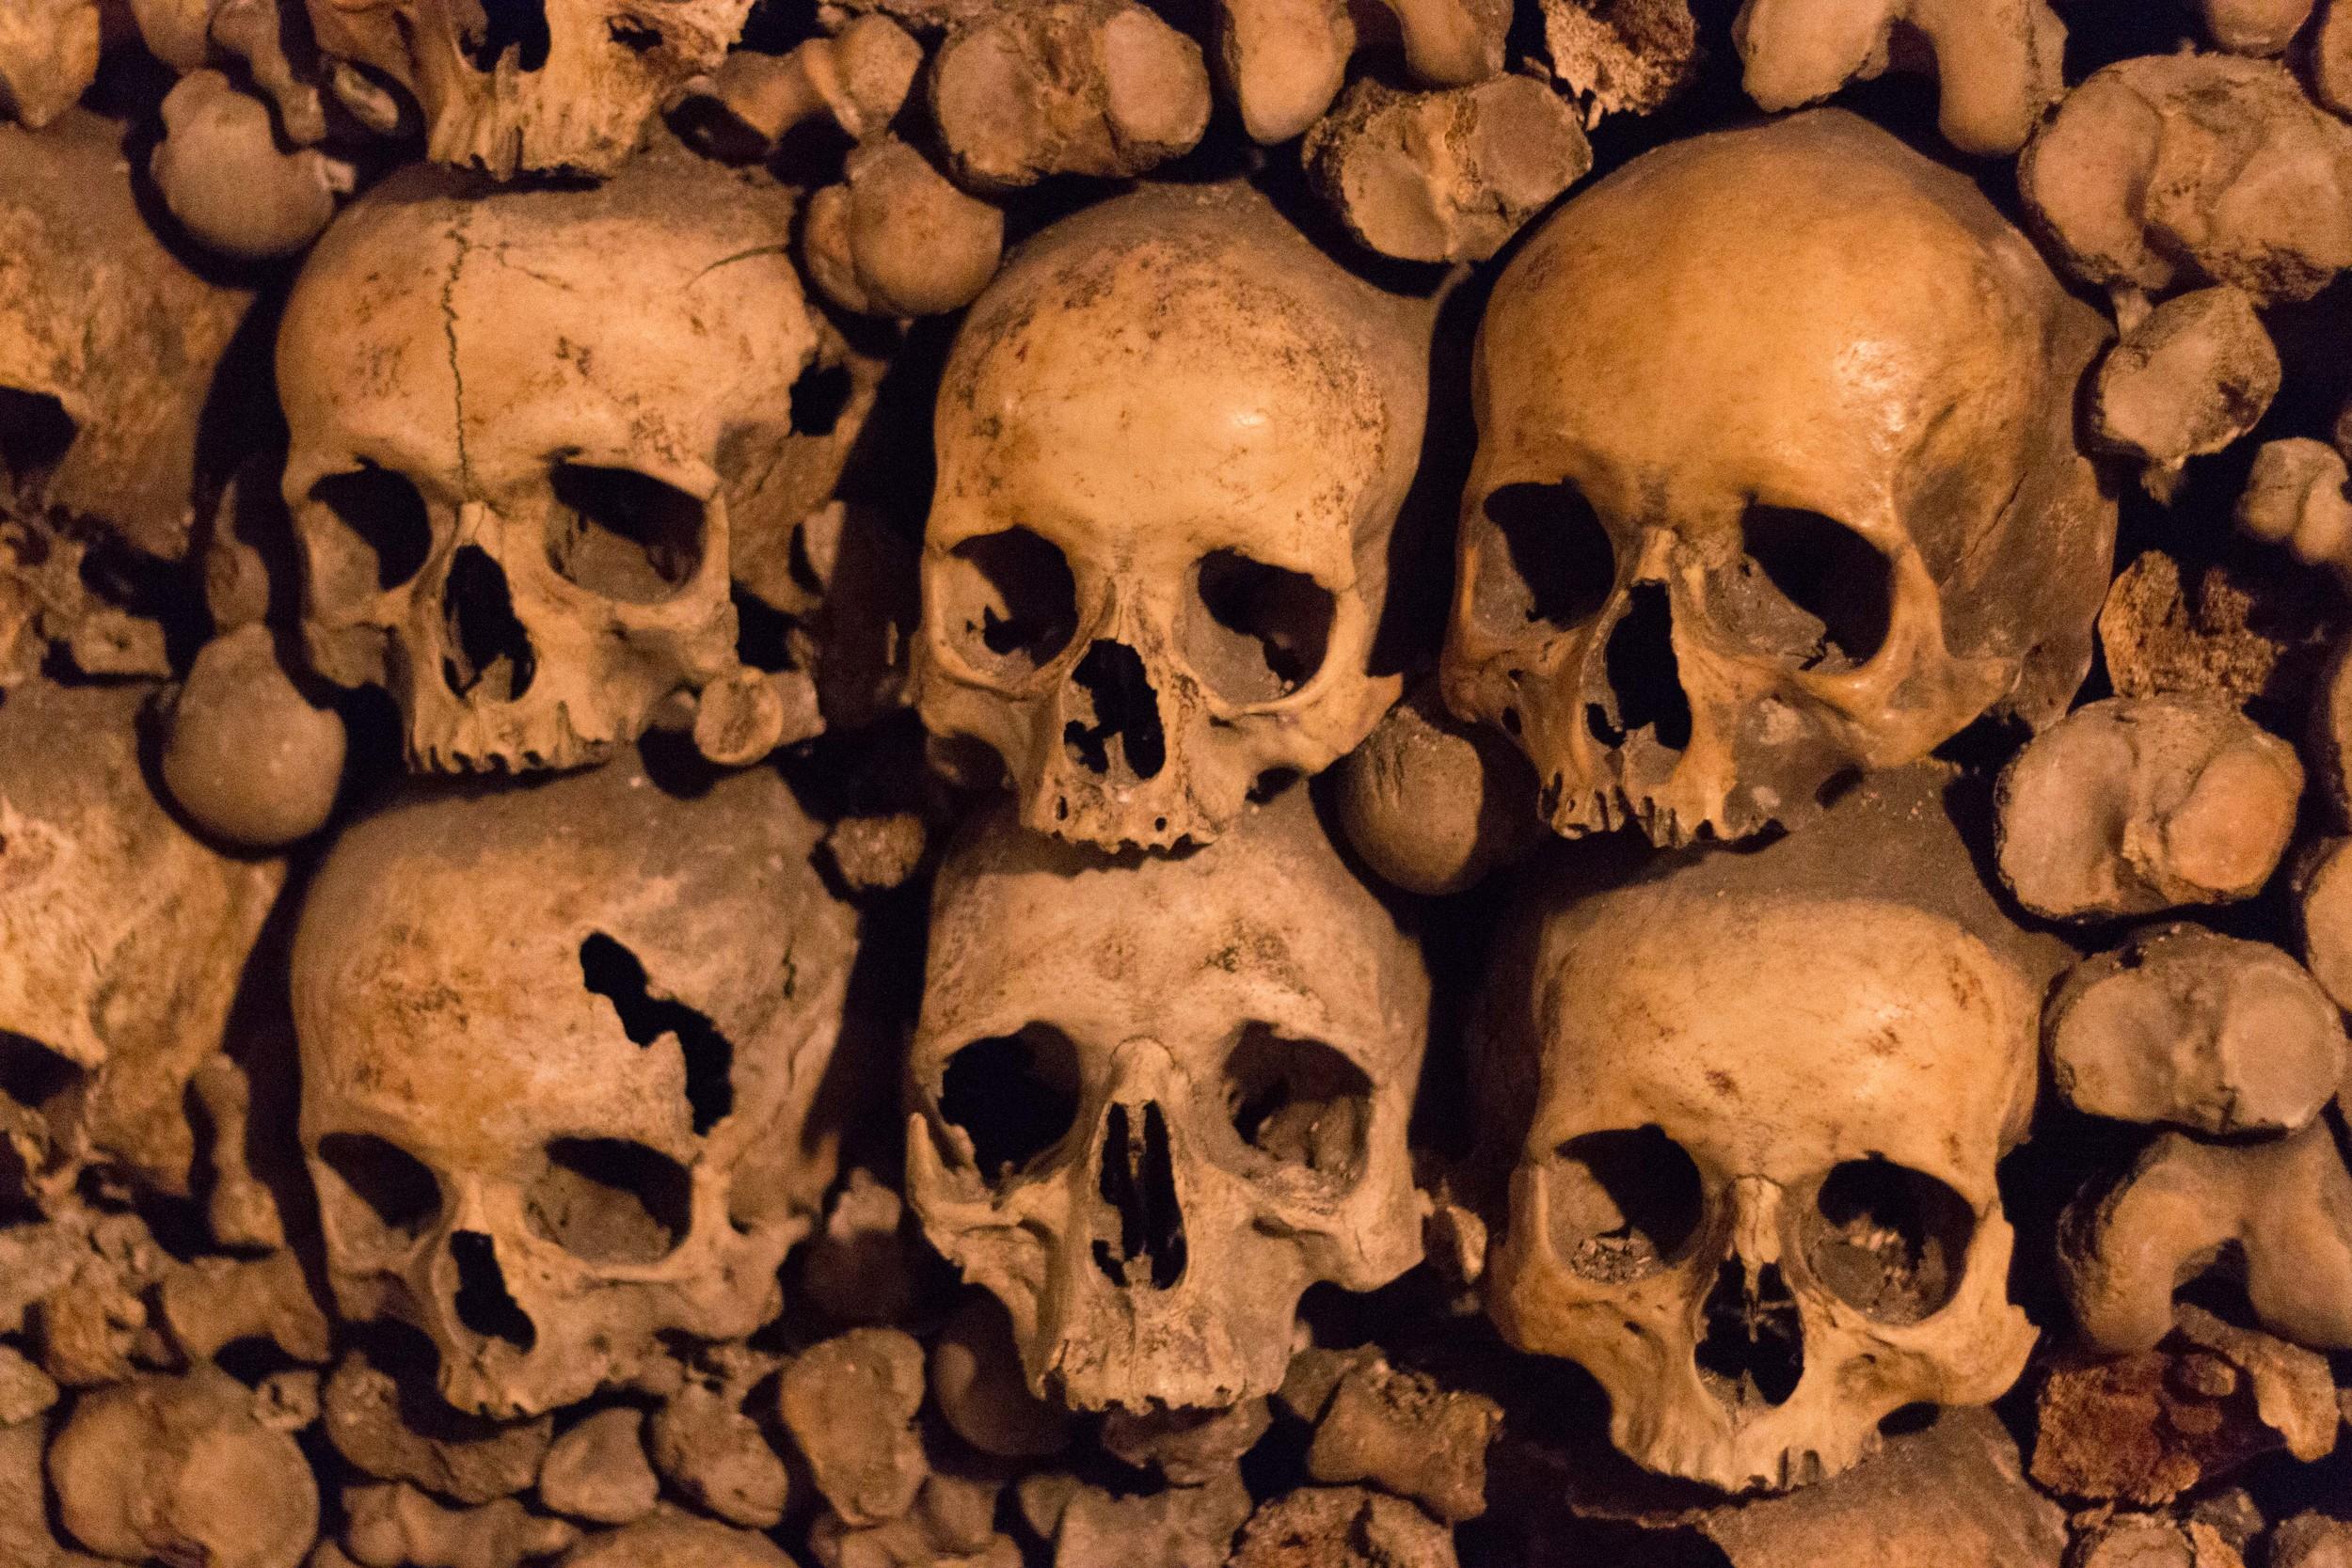 Skulls stacked within femurs